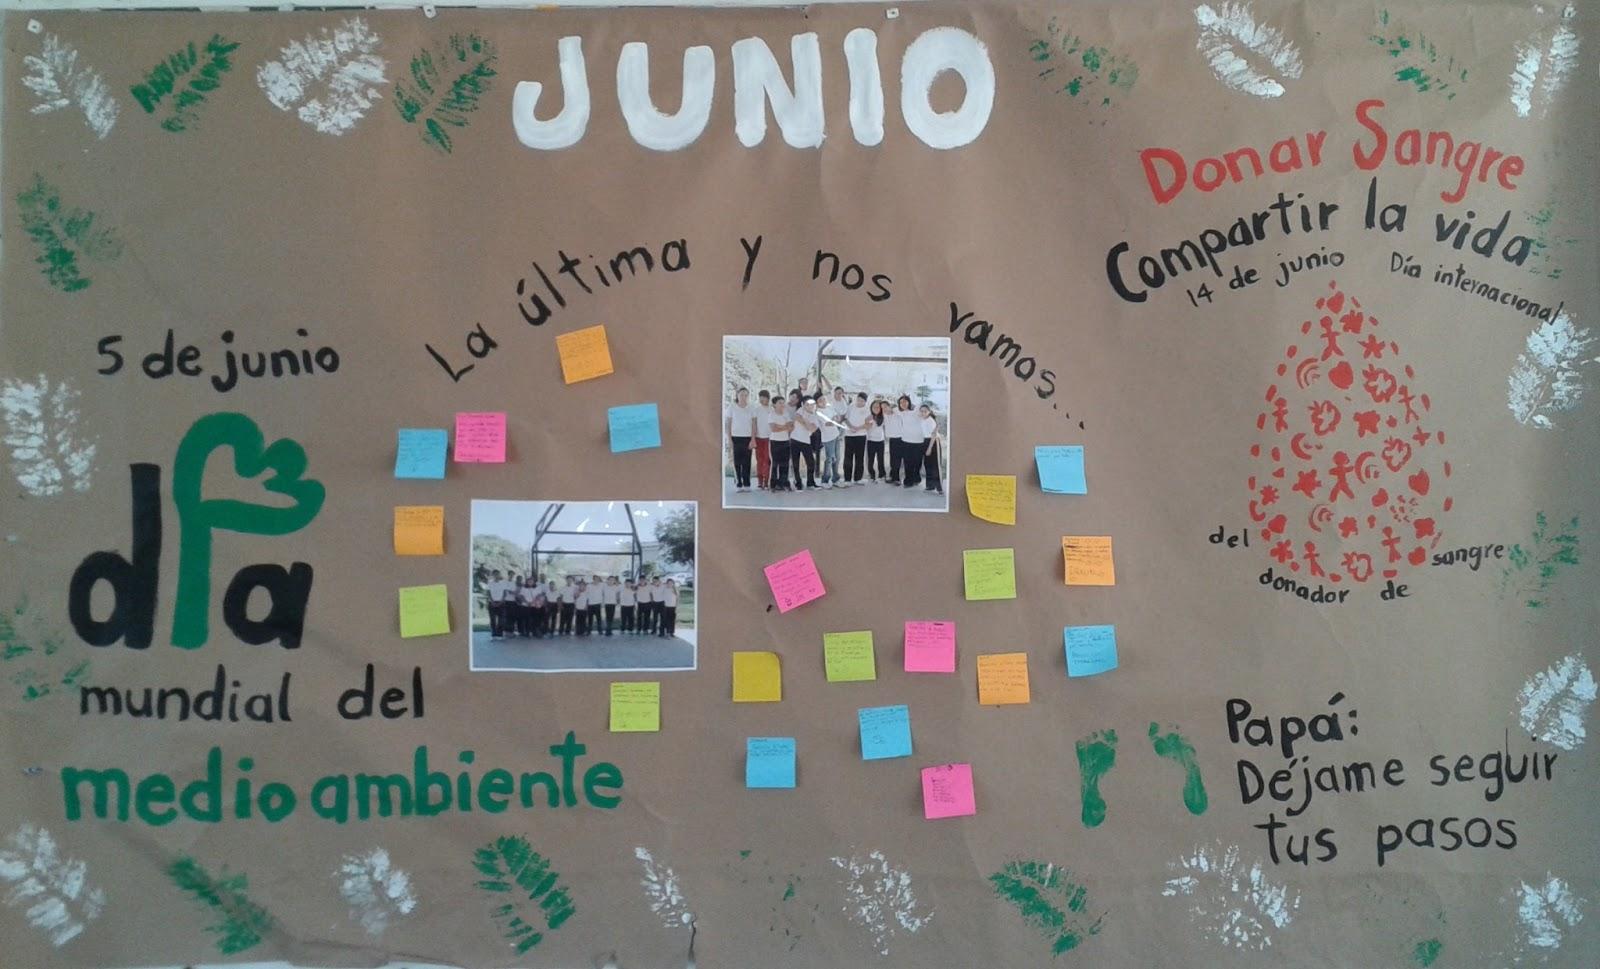 PERIÓDICO MURAL de Junio (5) - Imagenes Educativas